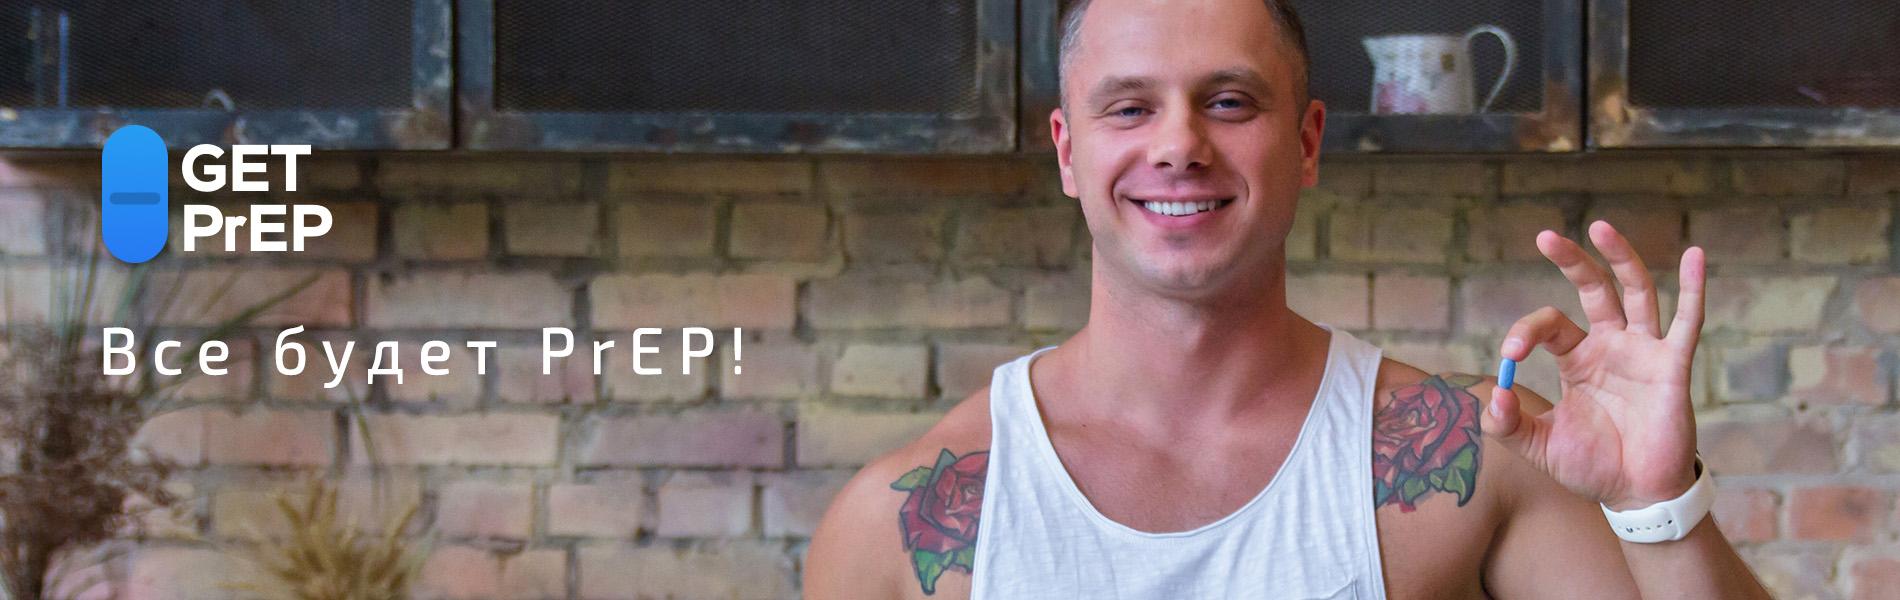 ЕКОМ, начинает проведение региональной информационной кампании «Get PrEP», цель которой – повысить осведомленность геев и других МСМ о доконтактной профилактике ВИЧ (PrEP).